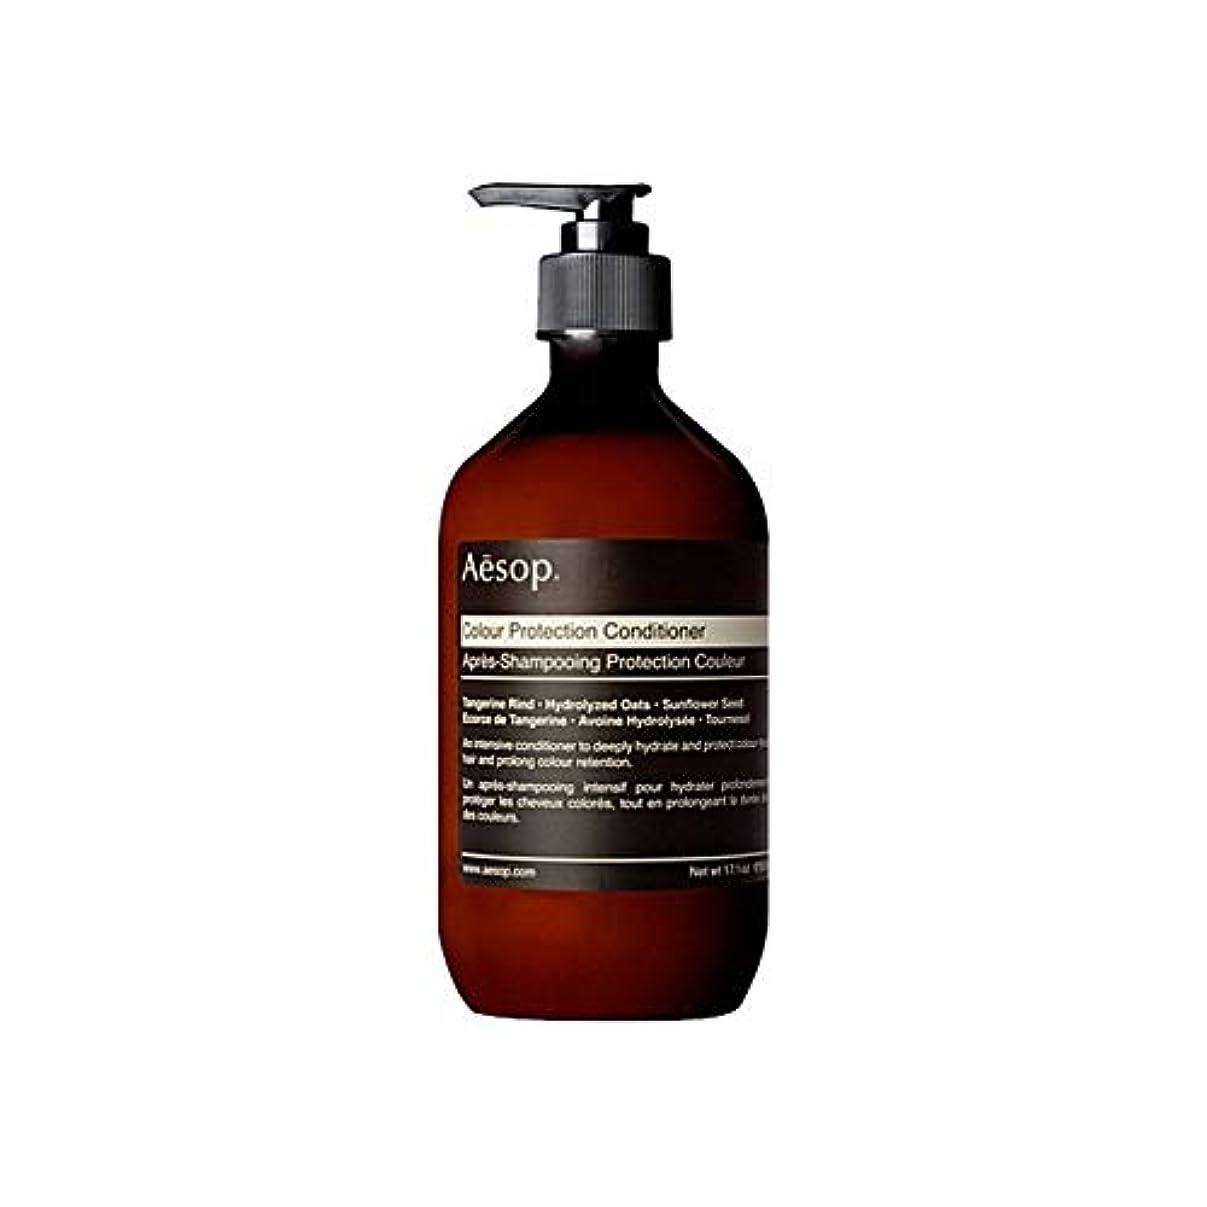 メディカル変える汚染[Aesop] イソップ色の保護コンディショナー500ミリリットル - Aesop Colour Protection Conditioner 500ml [並行輸入品]